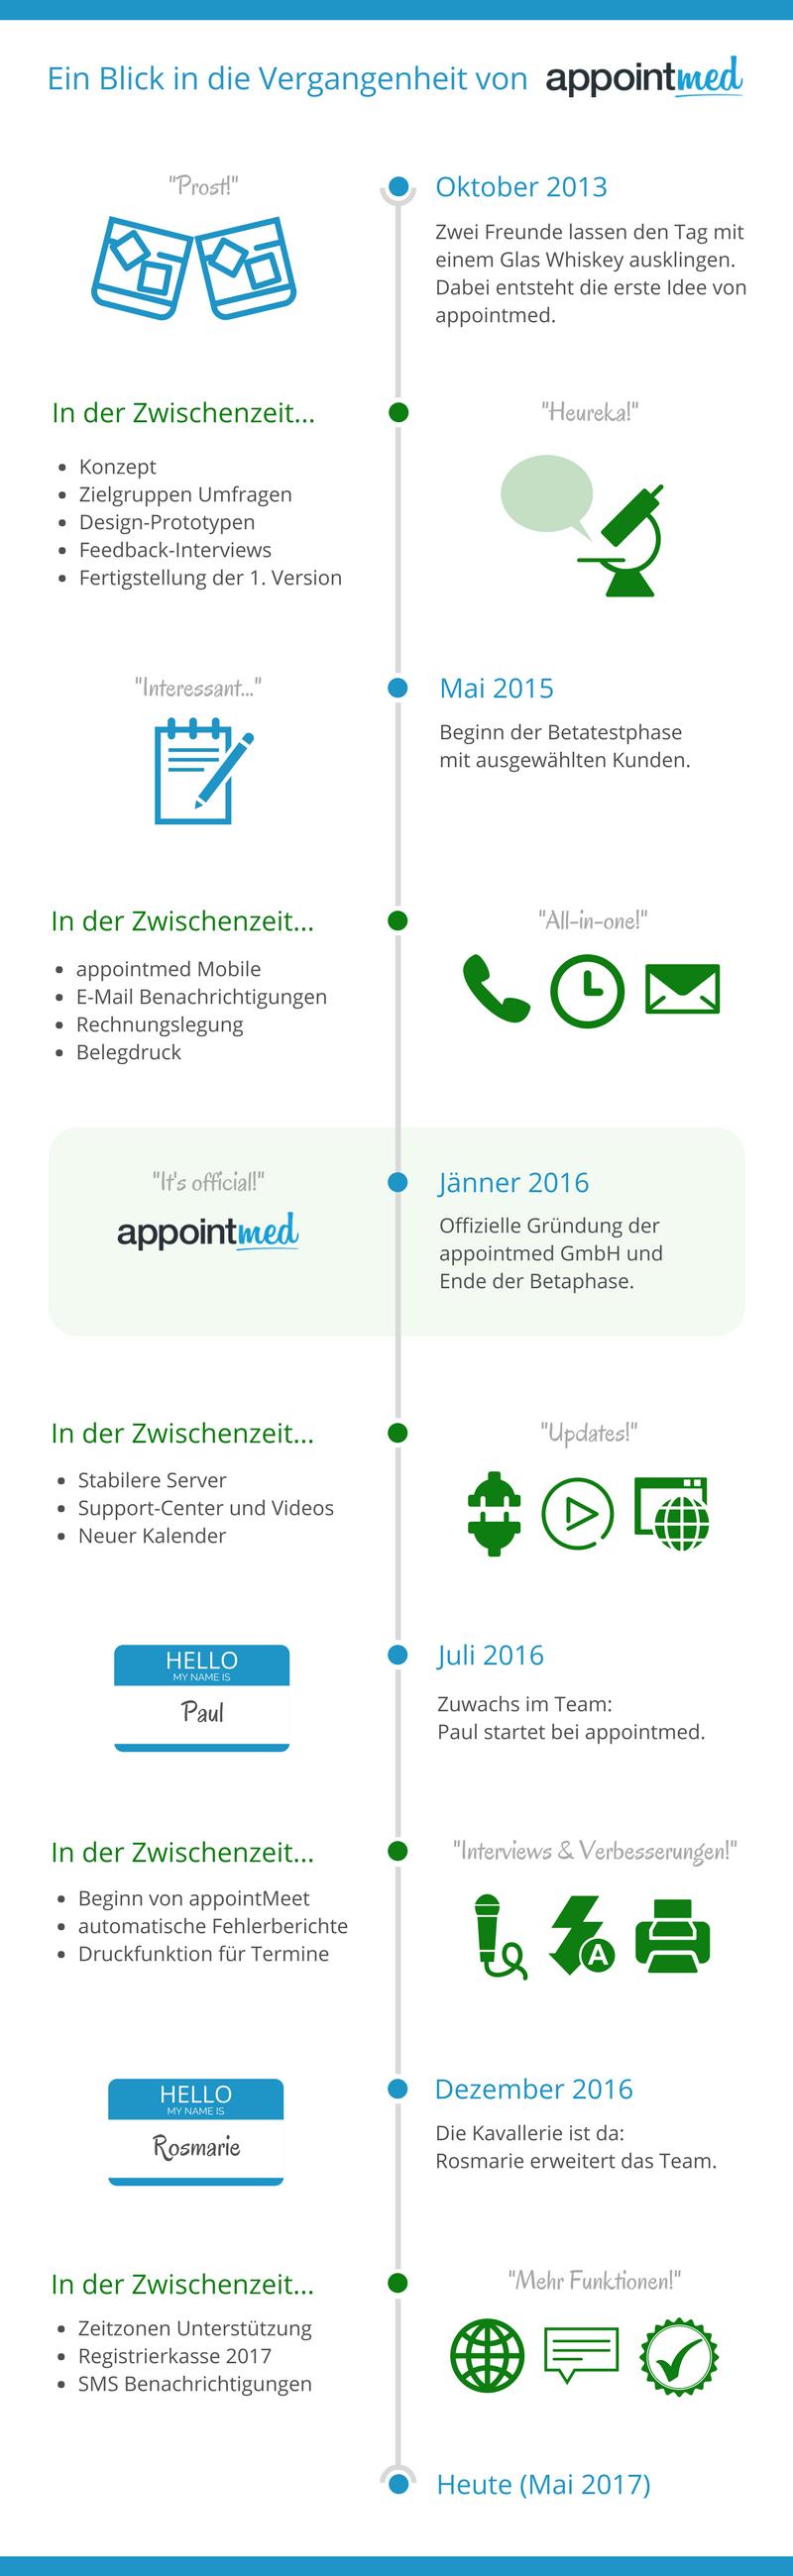 Infografik: Die Geschichte von appointmed